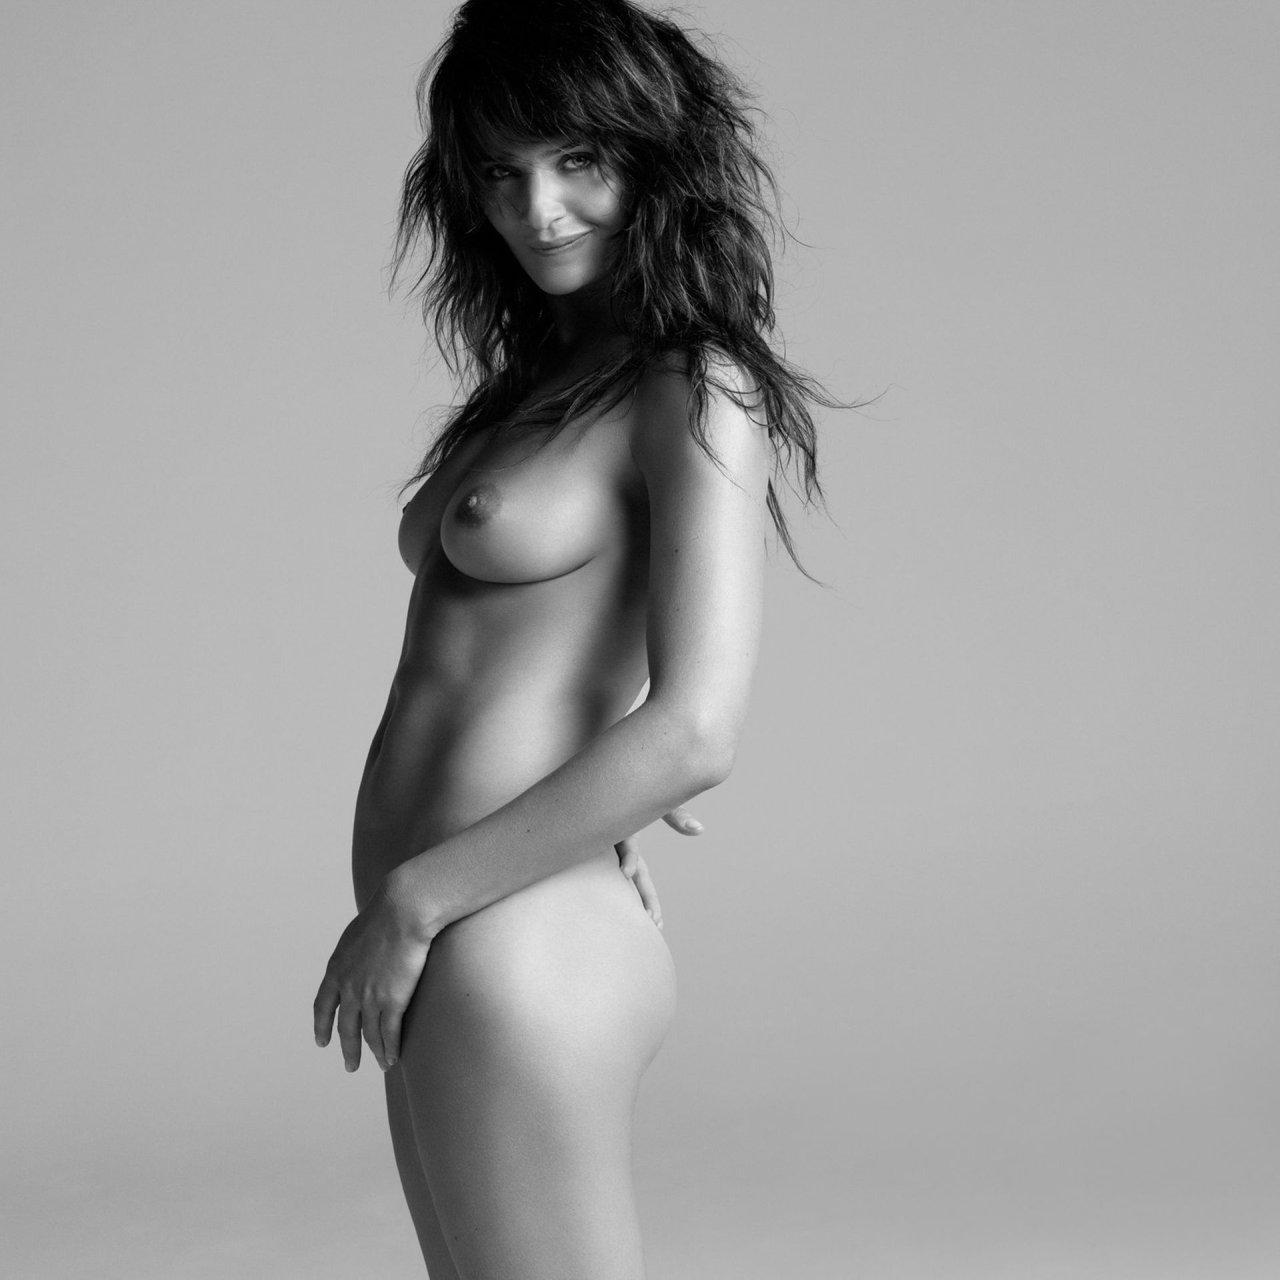 Helena christensen nudes